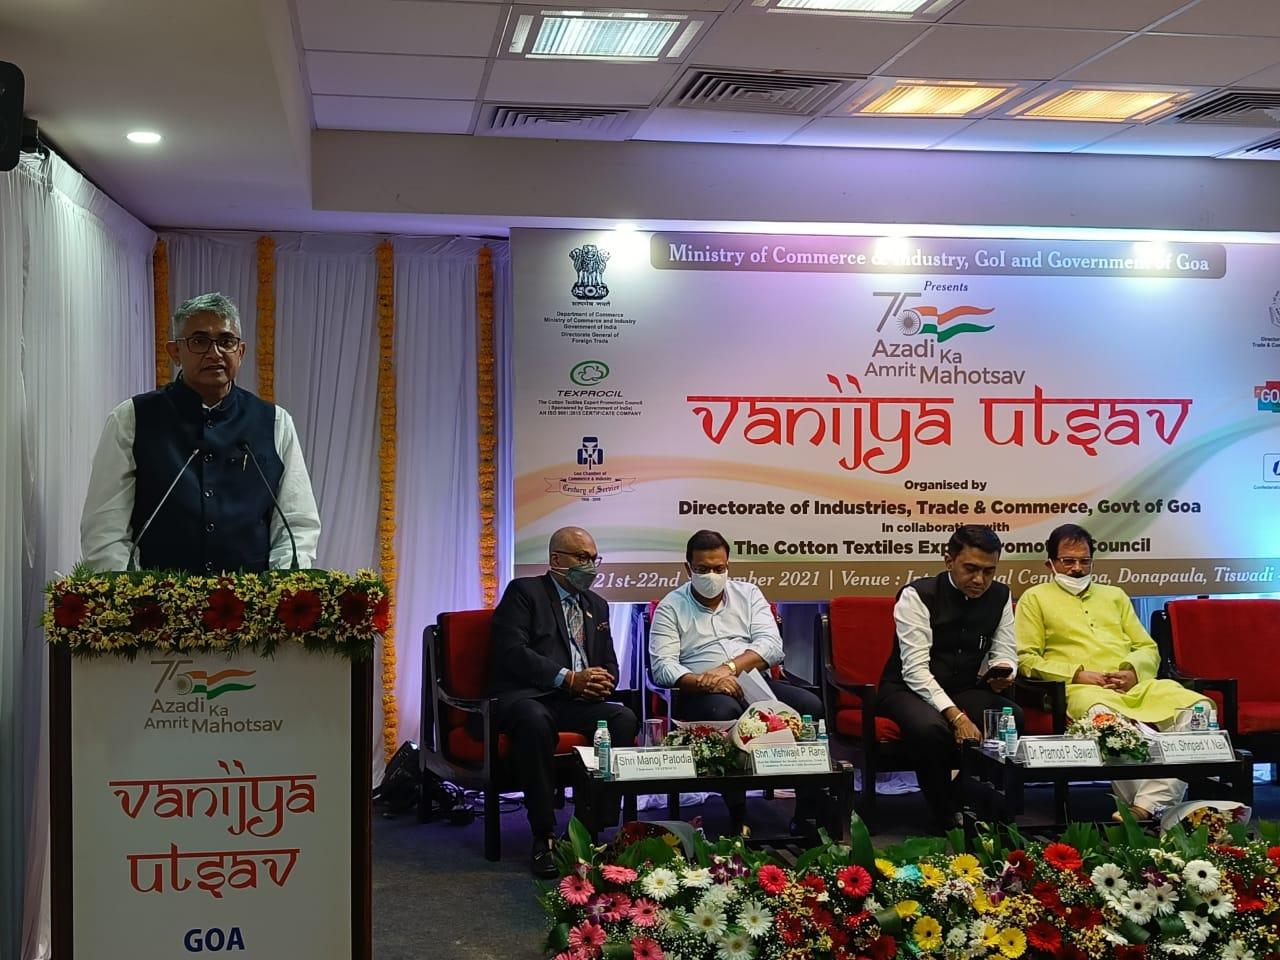 TEXPROCIL in Goa @VanijyaMahotsav, #AzadiKaAmritMahotsav